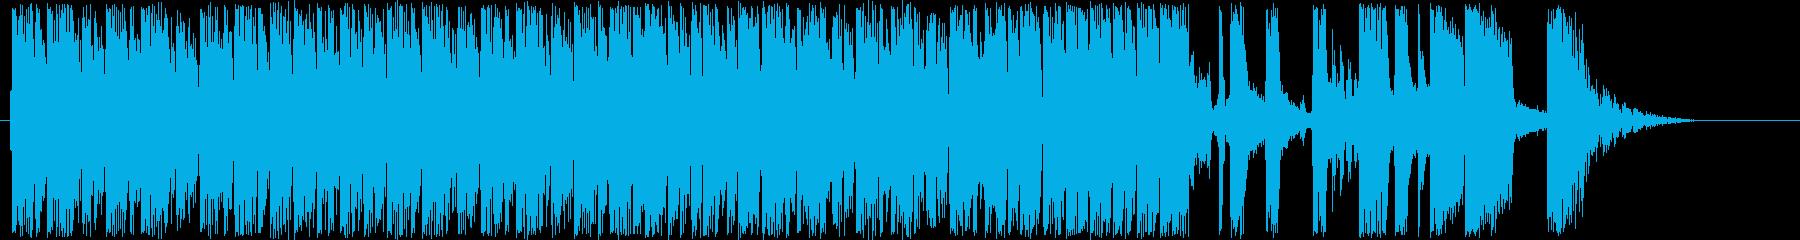 疾走感あるアップテンポのエレキギターの再生済みの波形